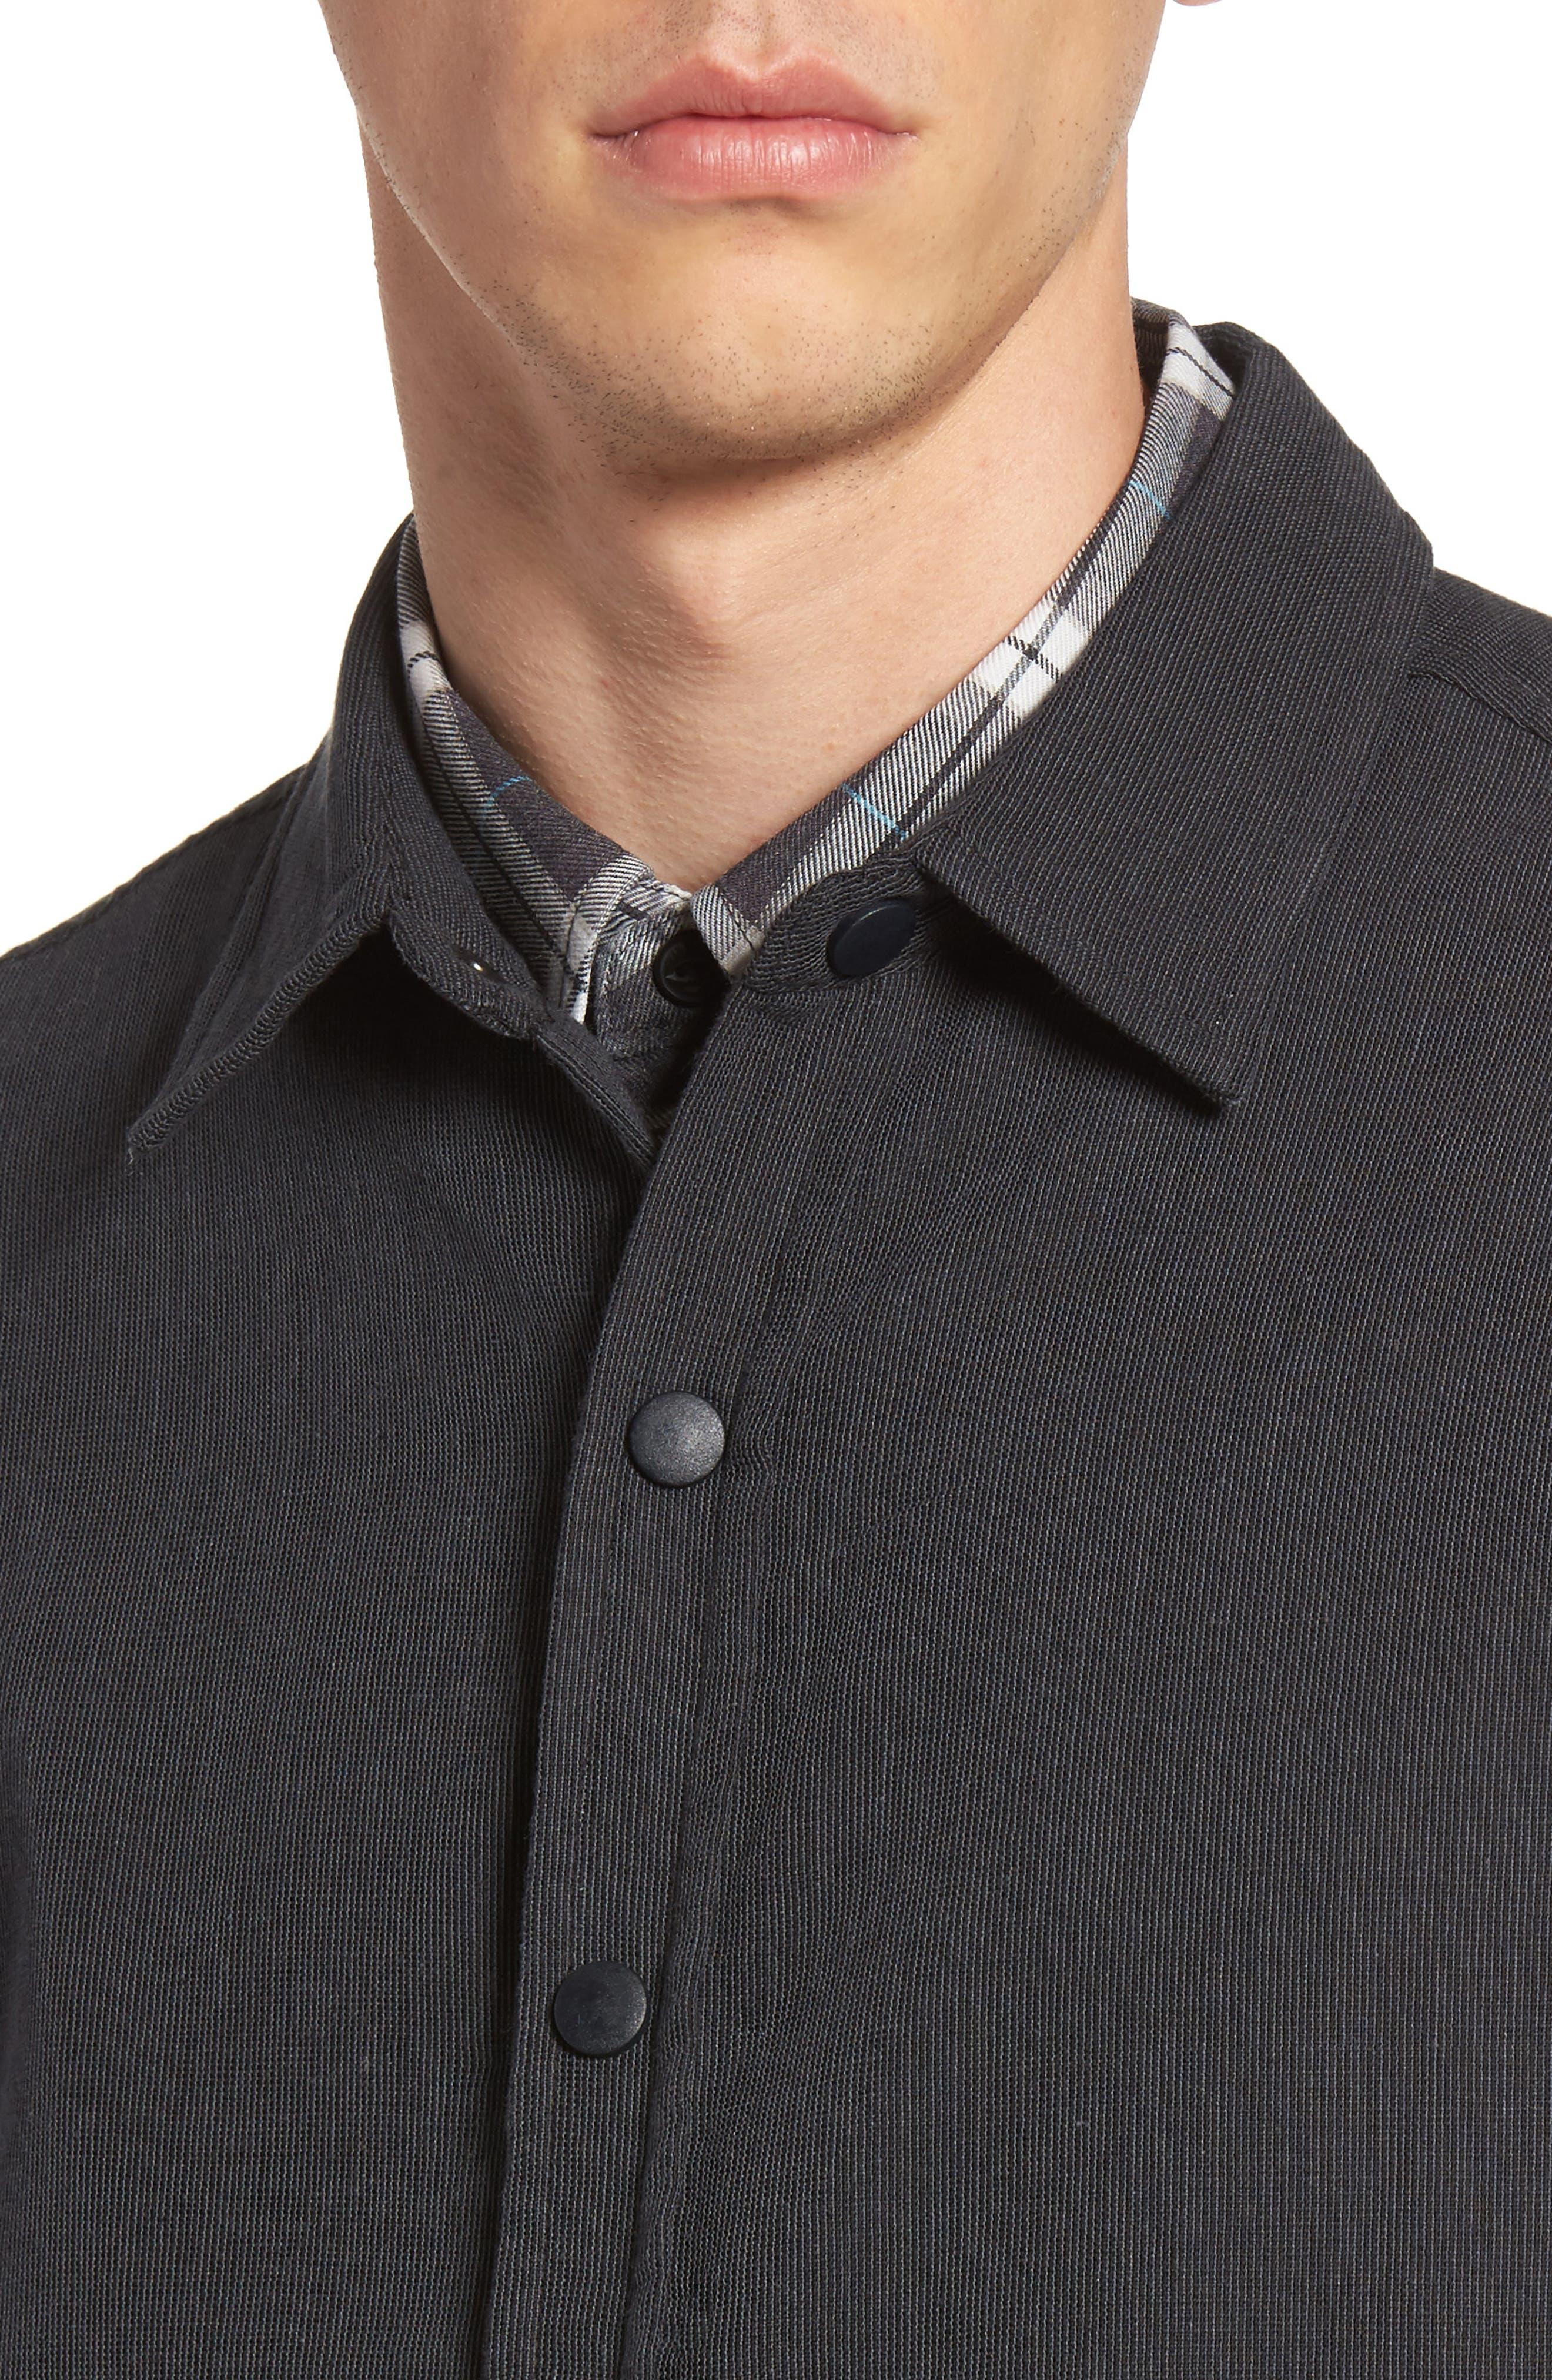 Textured Cotton Coach's Jacket,                             Alternate thumbnail 4, color,                             001